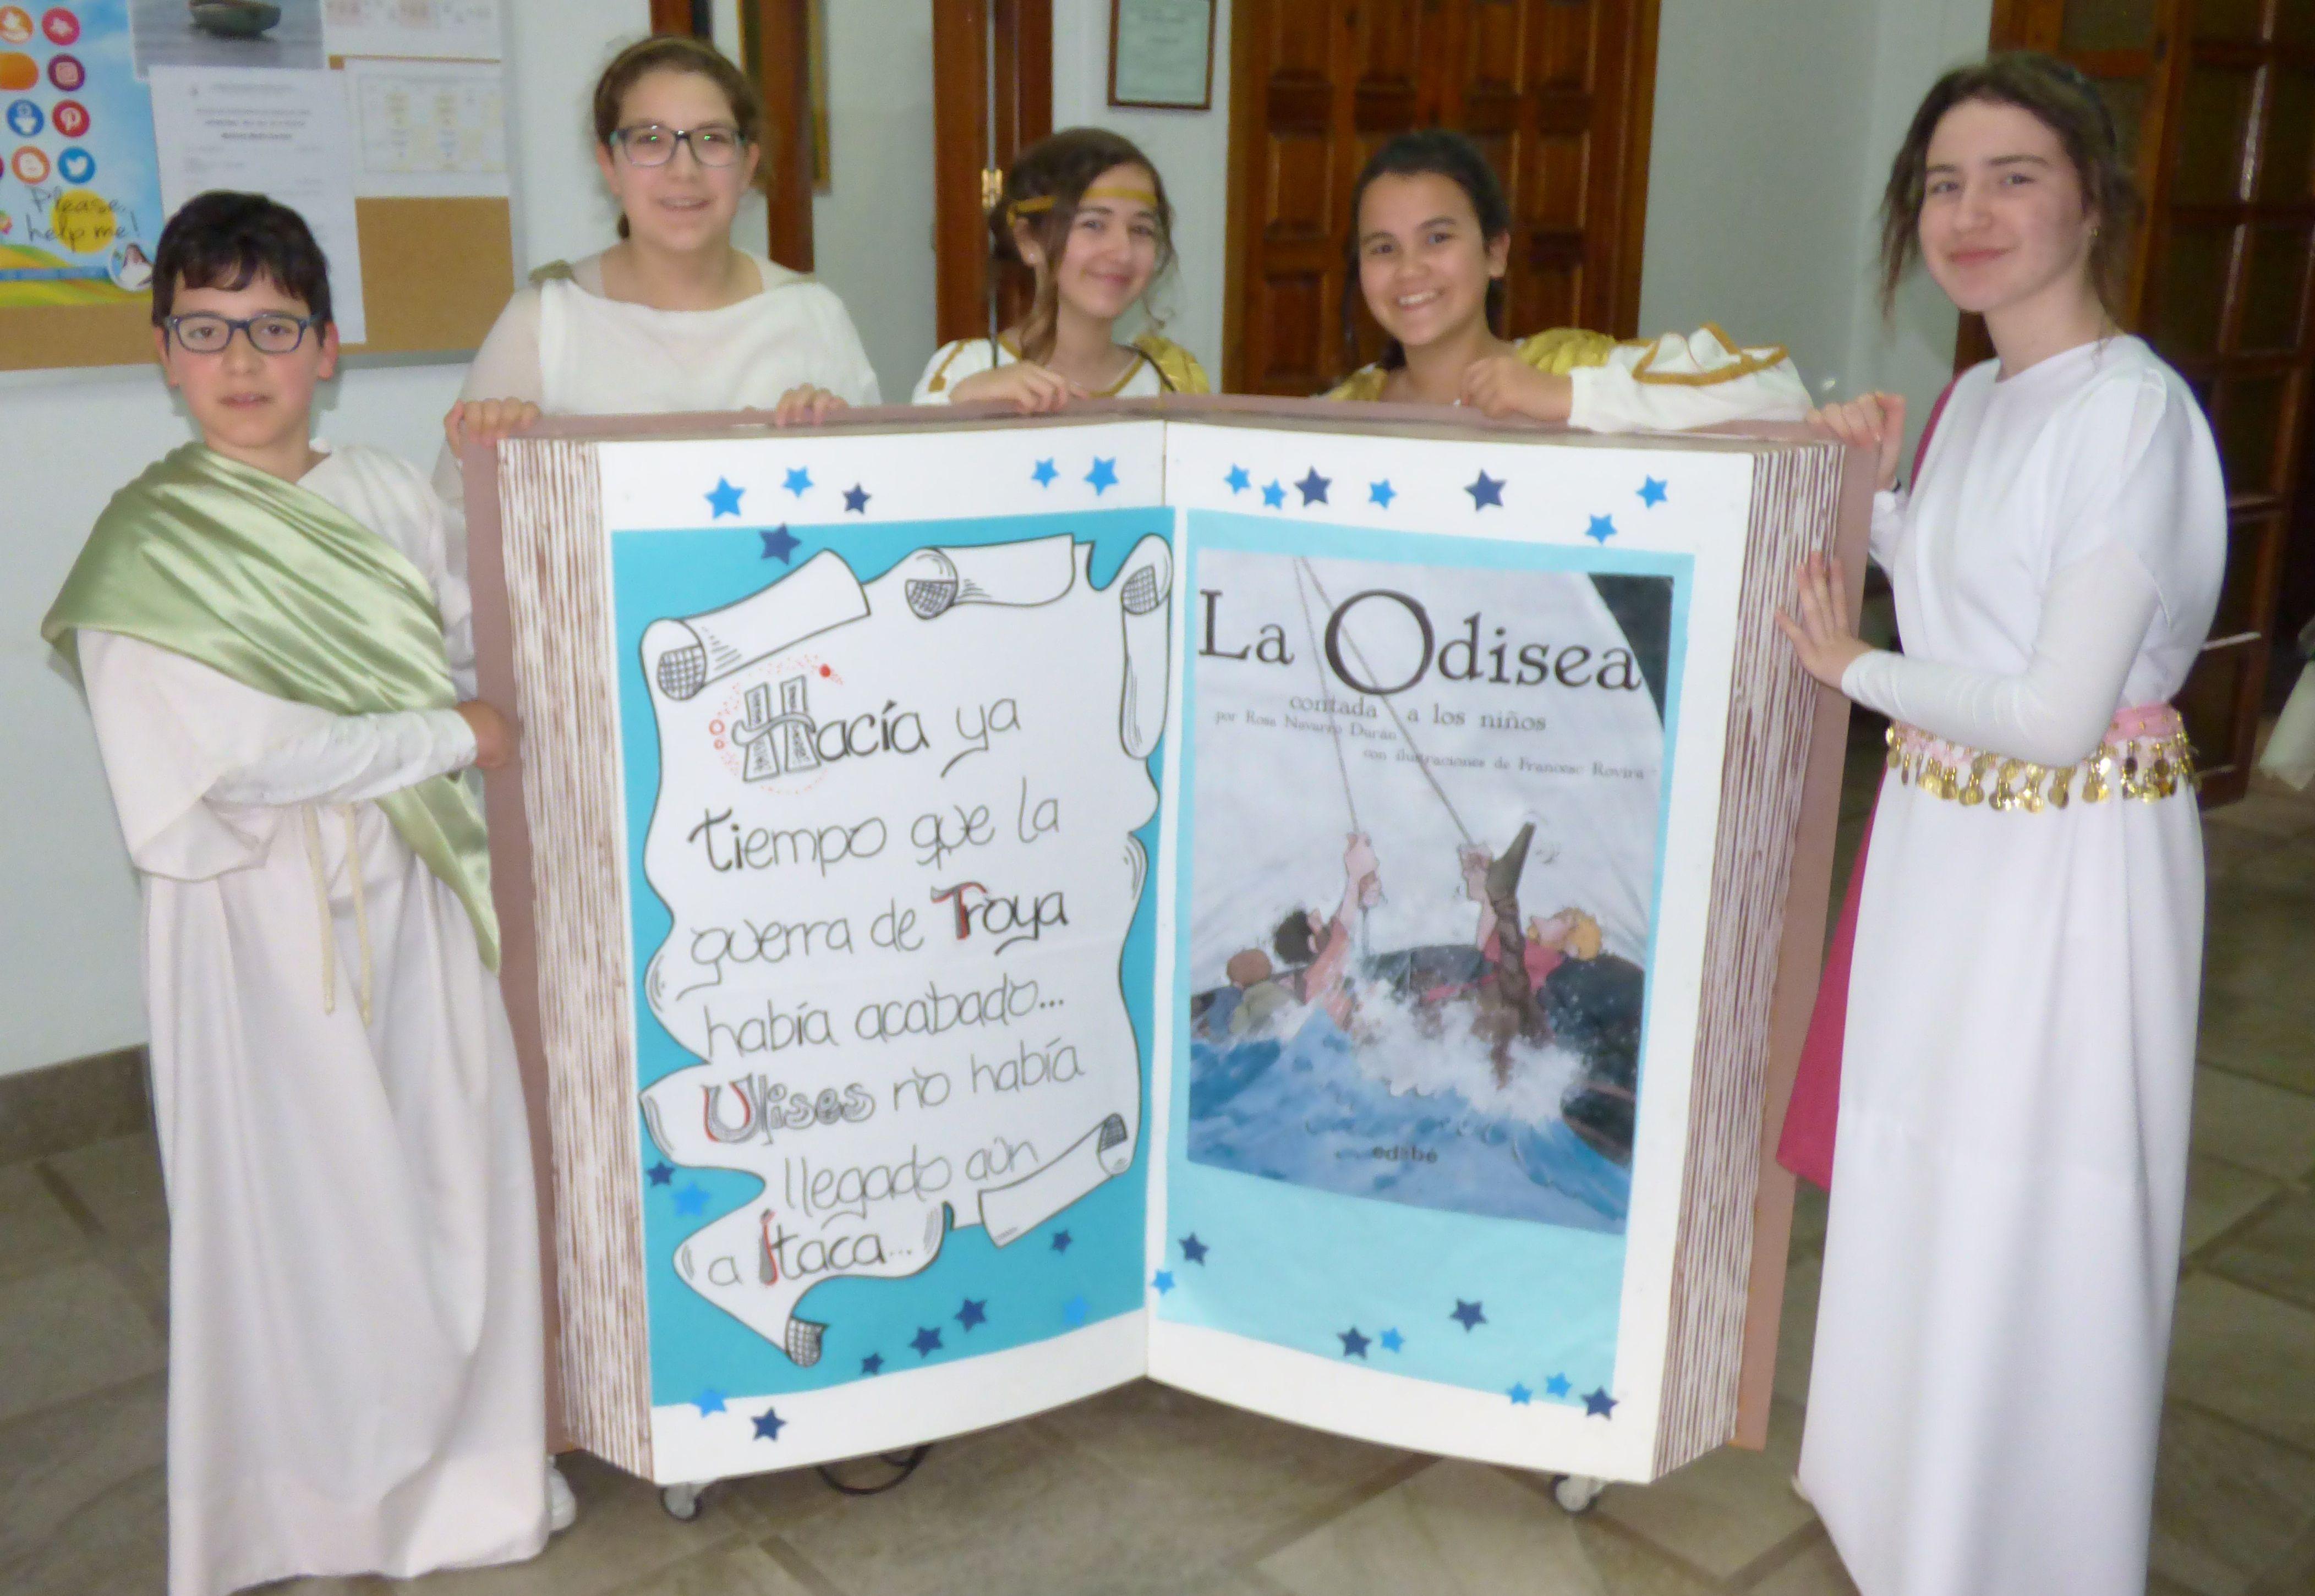 La fiesta de la Odisea, fotomontaje